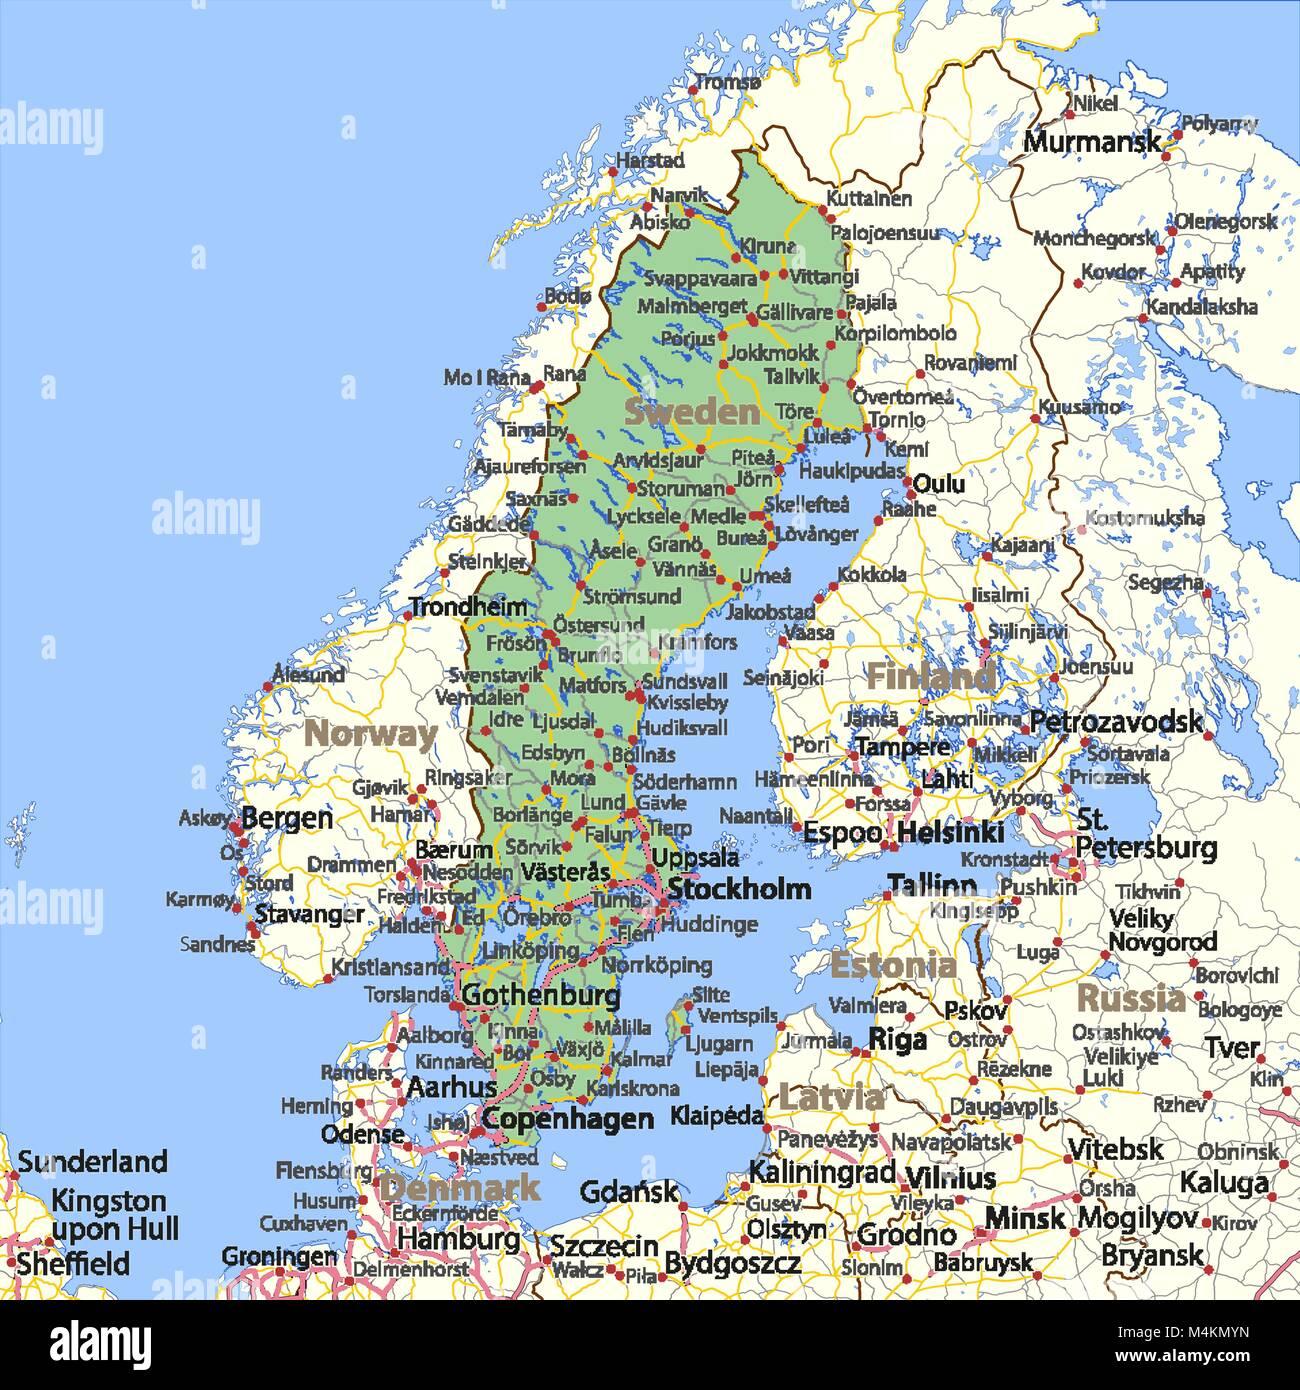 Cartina Della Svezia.Mappa Della Svezia Mostra I Confini Zone Urbane Nomi Di